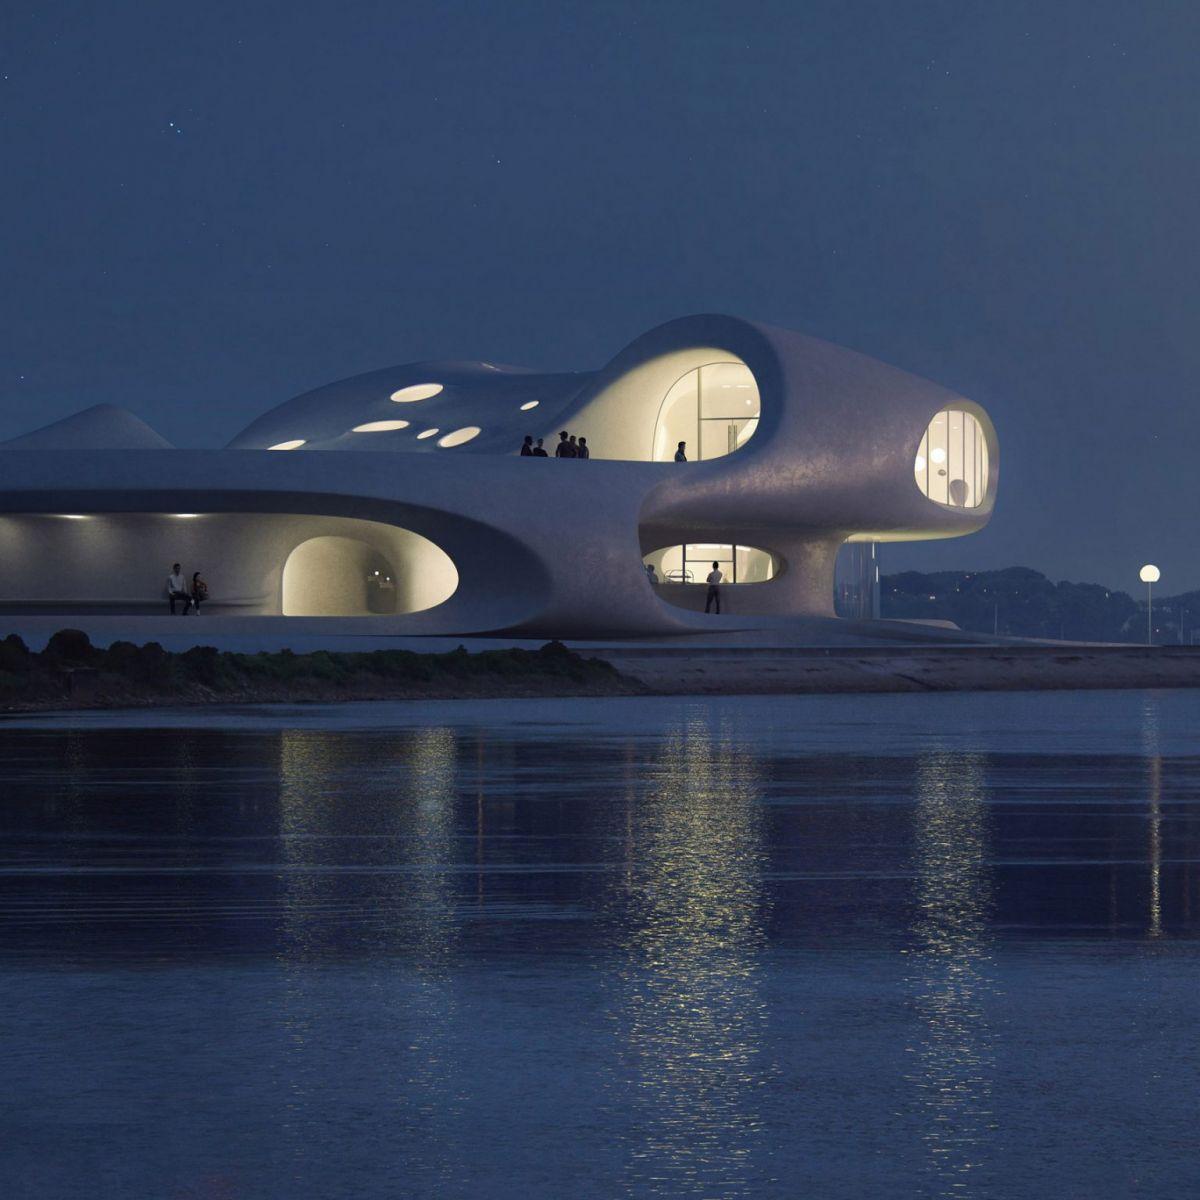 12 công trình kiến trúc thú vị được mong đợi trong năm 2021